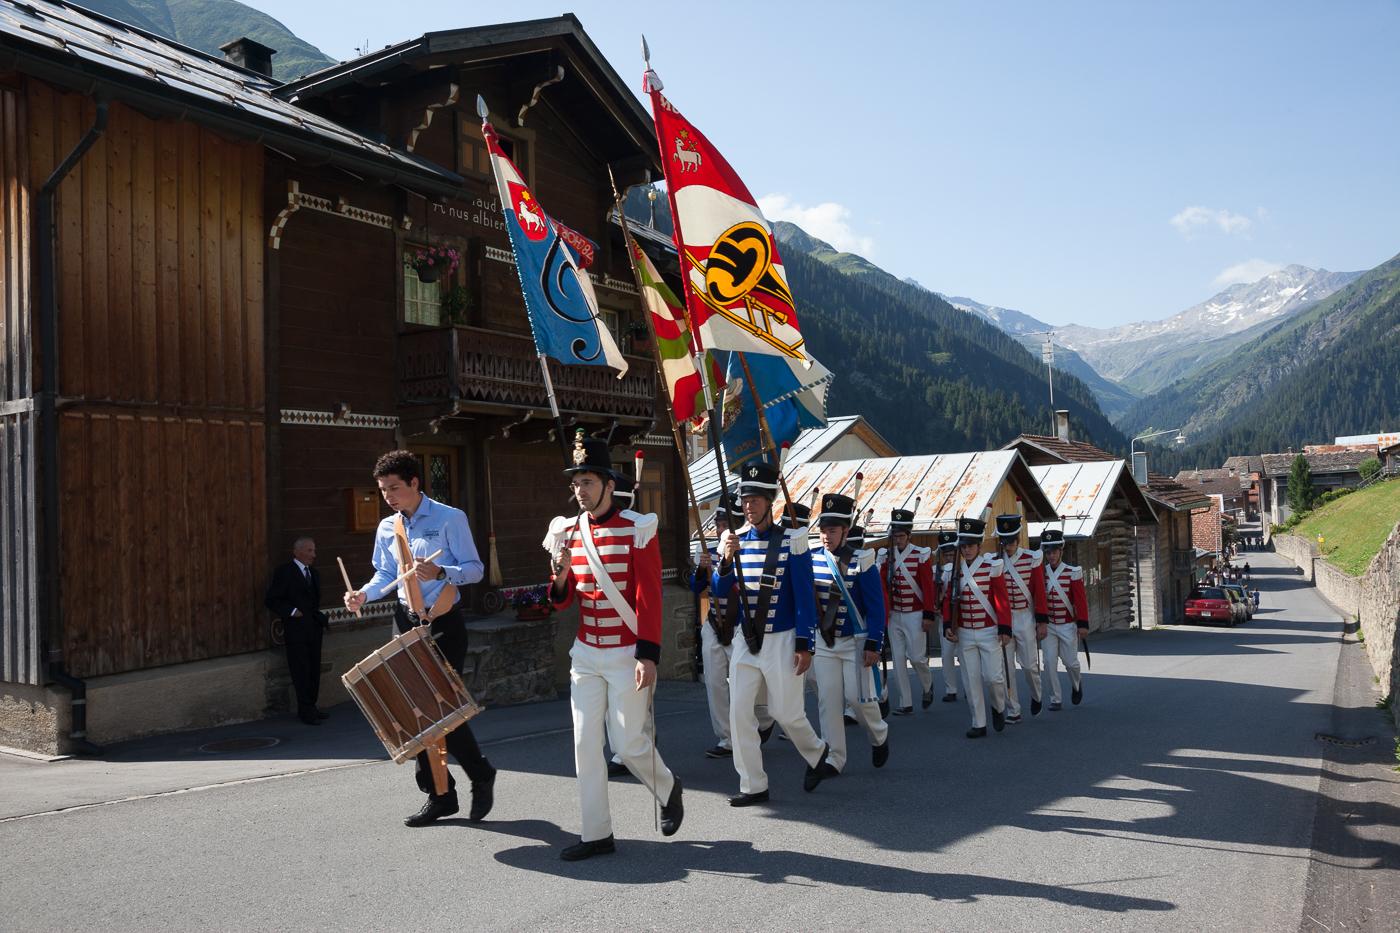 Verner Soler_USA-Switzerland_Visits to my village_08.jpg